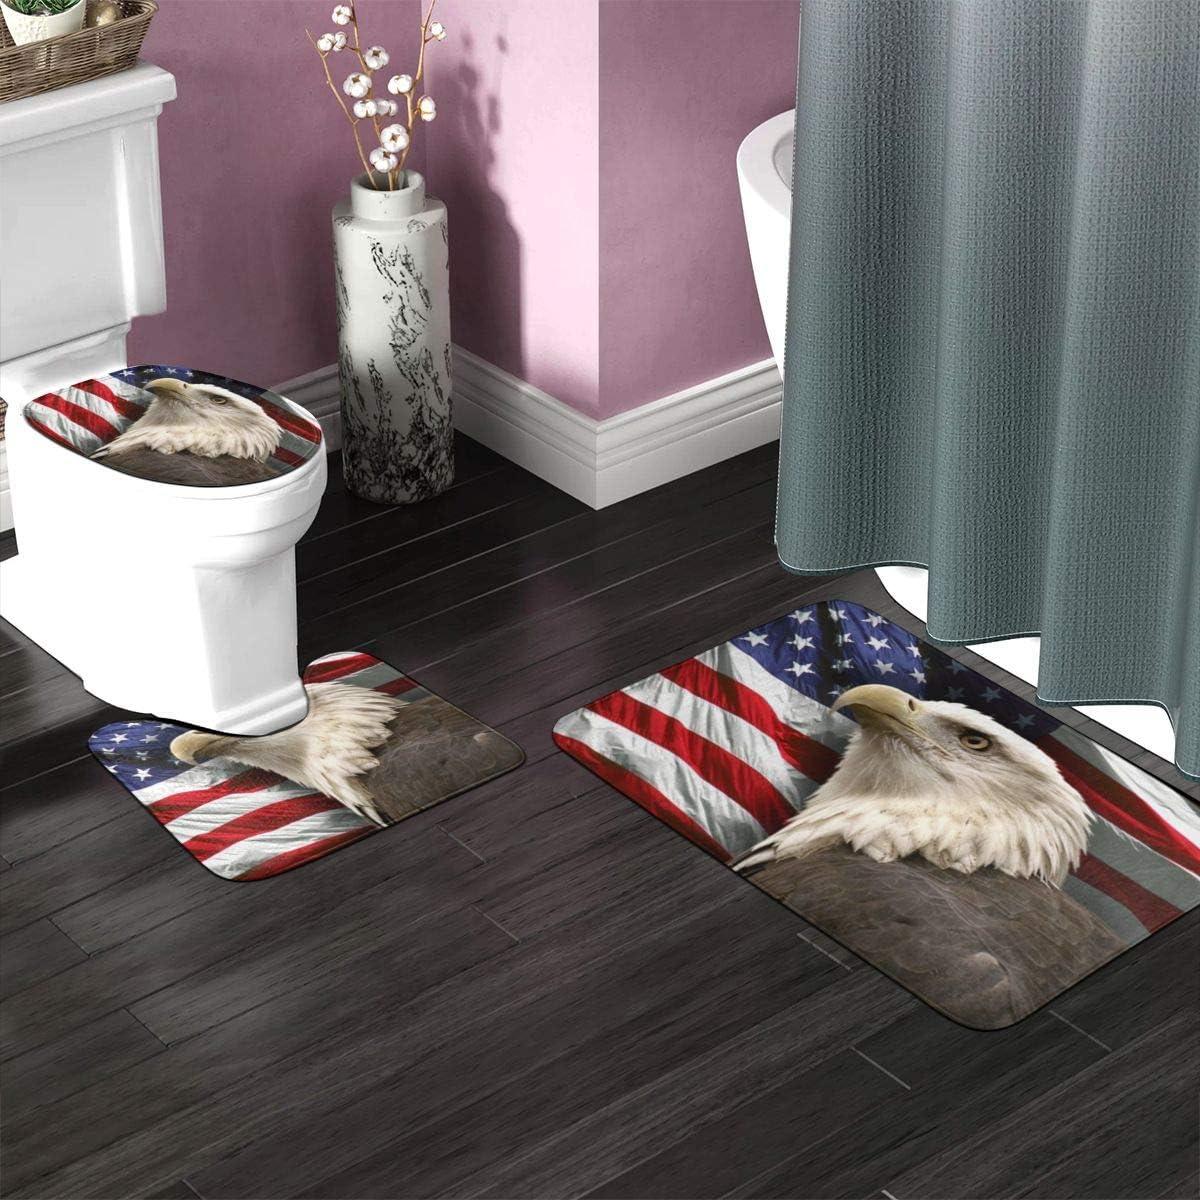 USA Flag Bald Eagle Shower Curtain Bath Mat Toilet Cover Rug Bathroom Decor Set